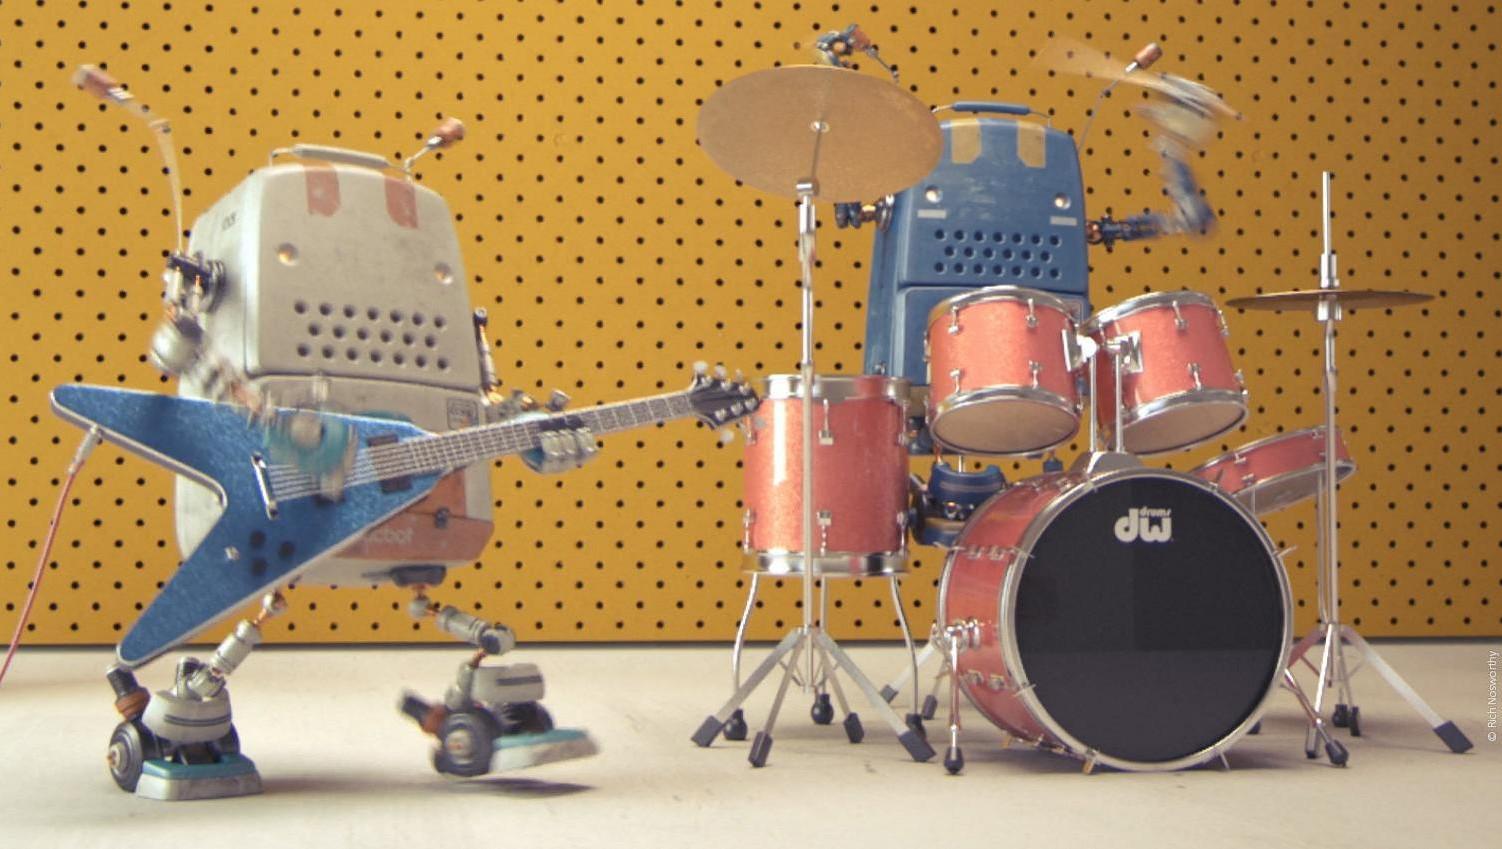 Los mejores programas de animación 3D (9 son gratuitos) | All3DP Pro